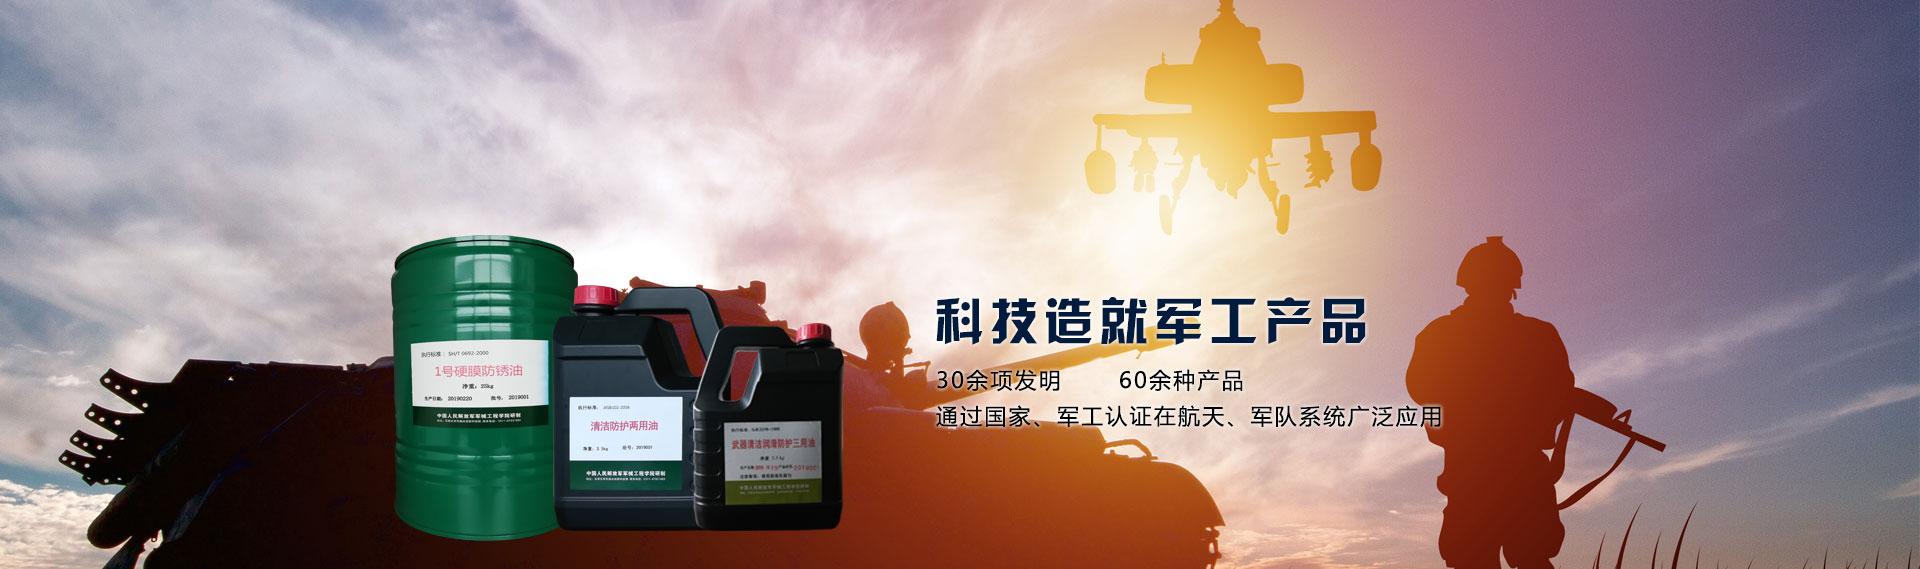 夜瞄荧光剂,武器清洁润滑防护三用油,黑色磷化剂,三用油,防护油